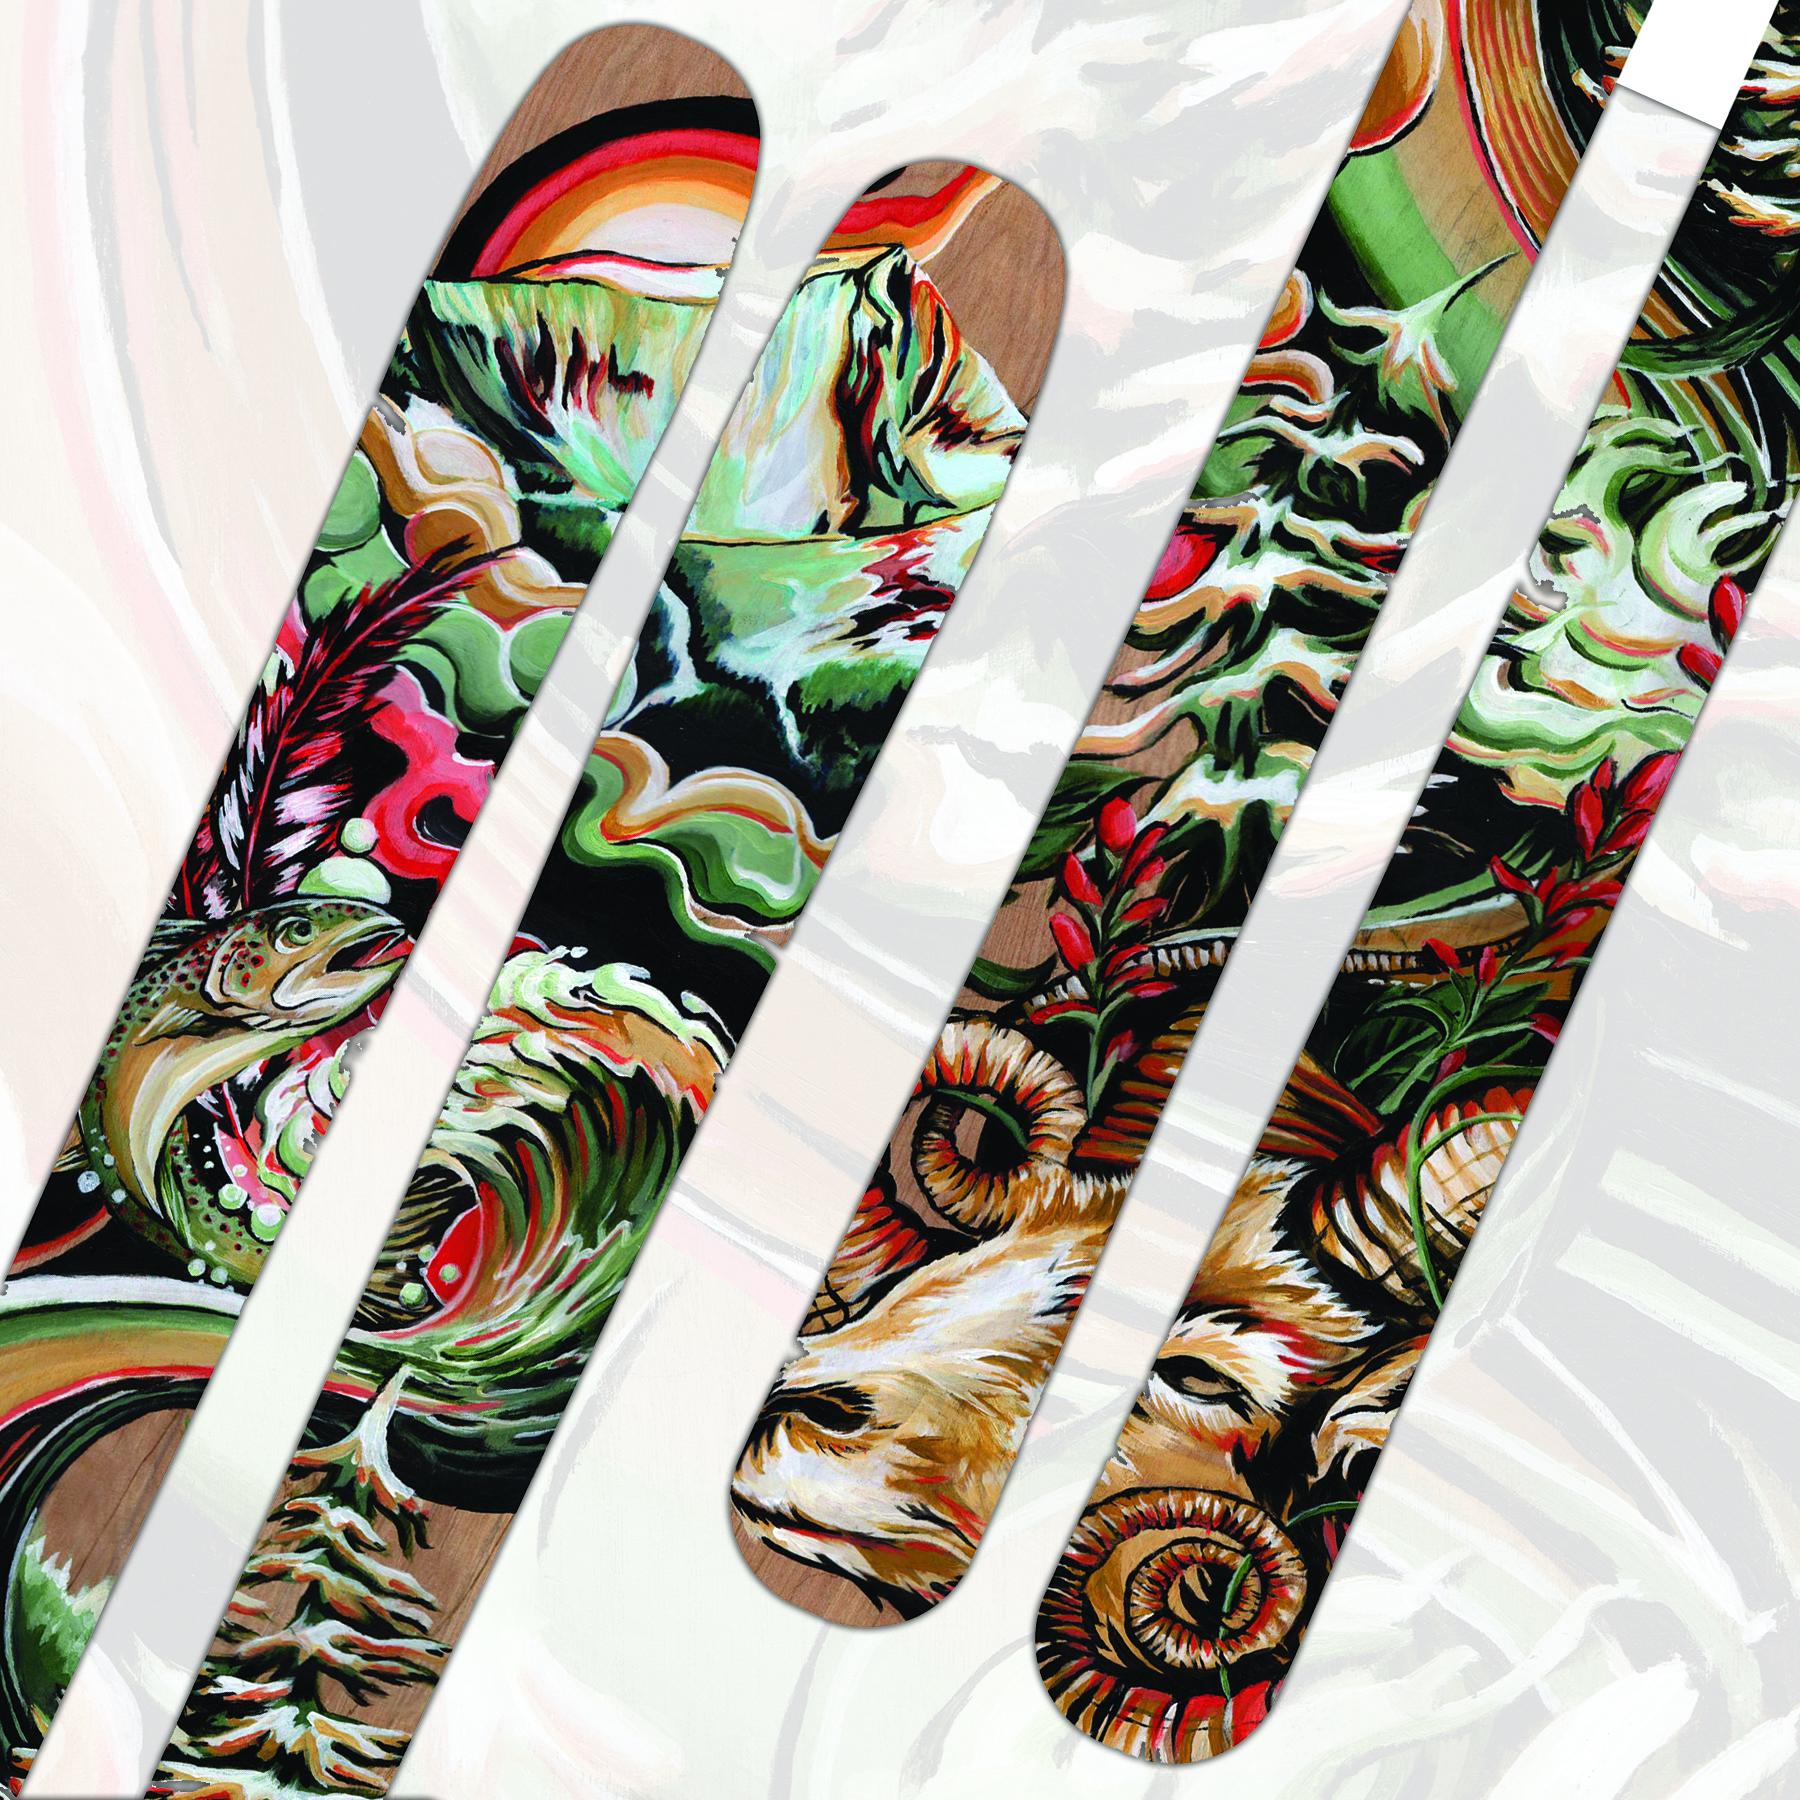 Big Sky All Mountain ski design, Arete Skis